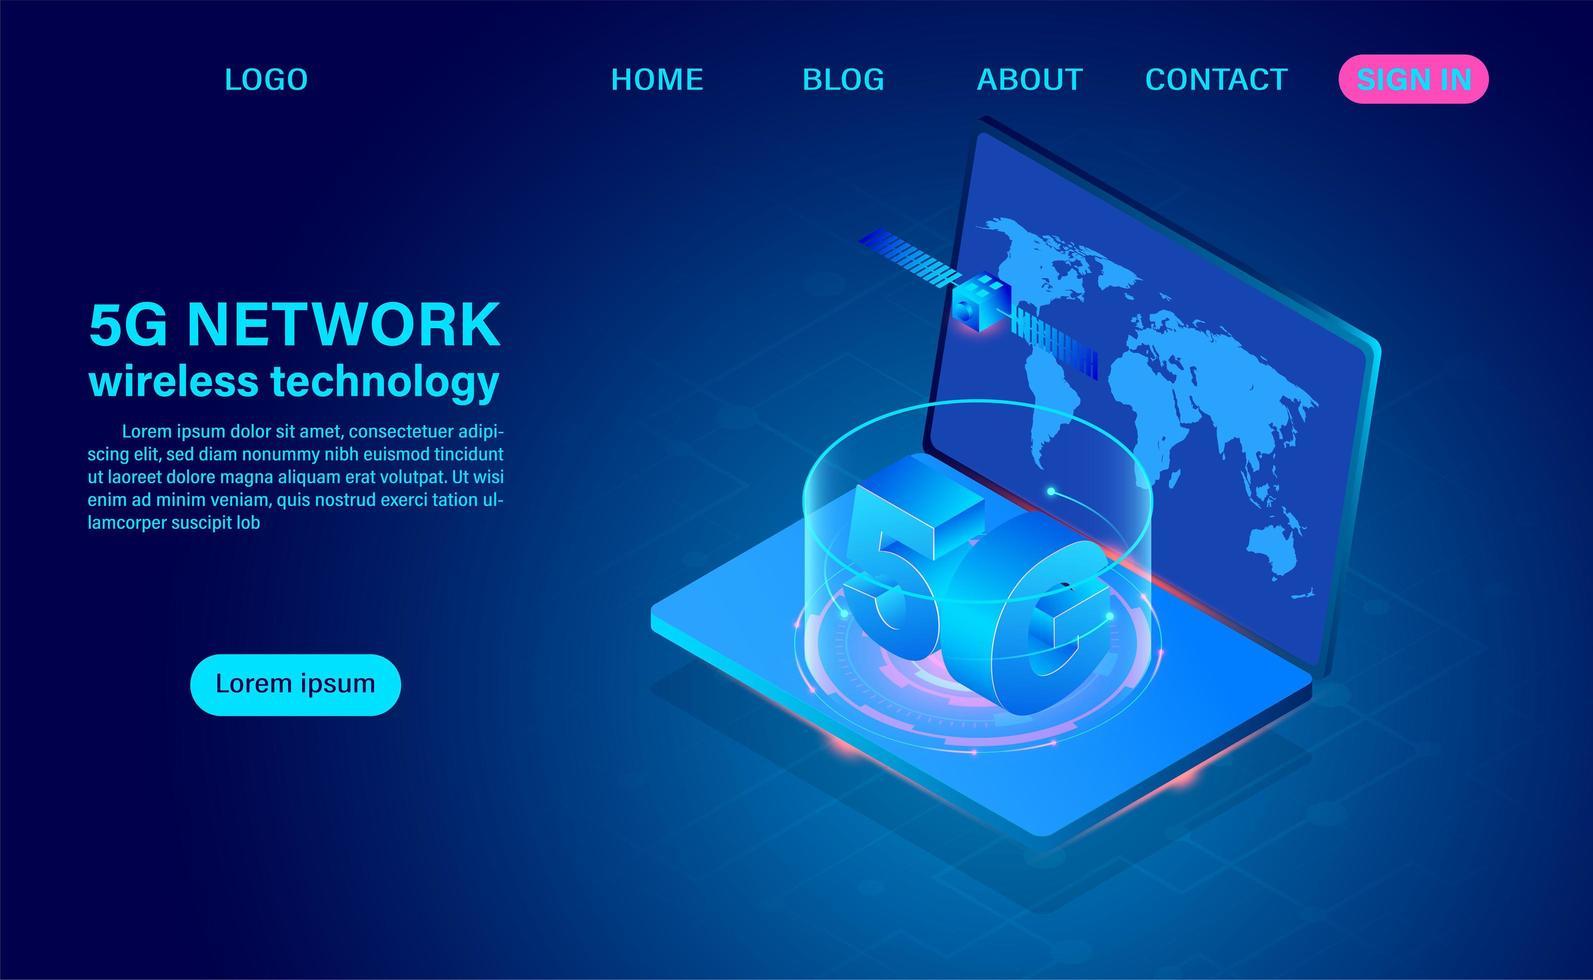 Technologie de réseau 5g sur ordinateur portable vecteur